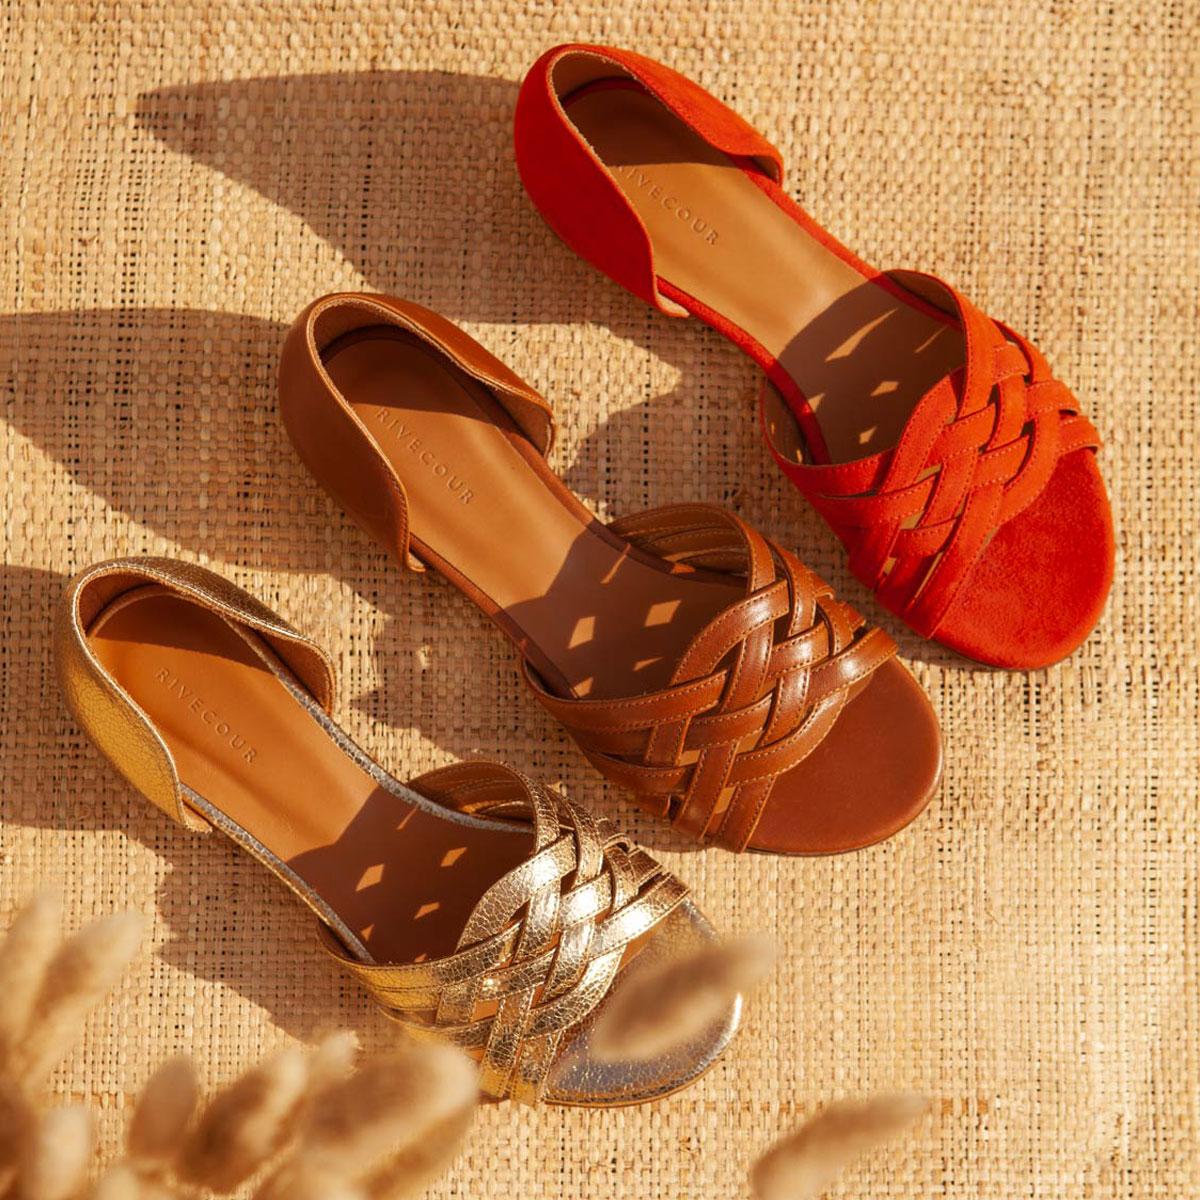 Sandales N°34 Orange